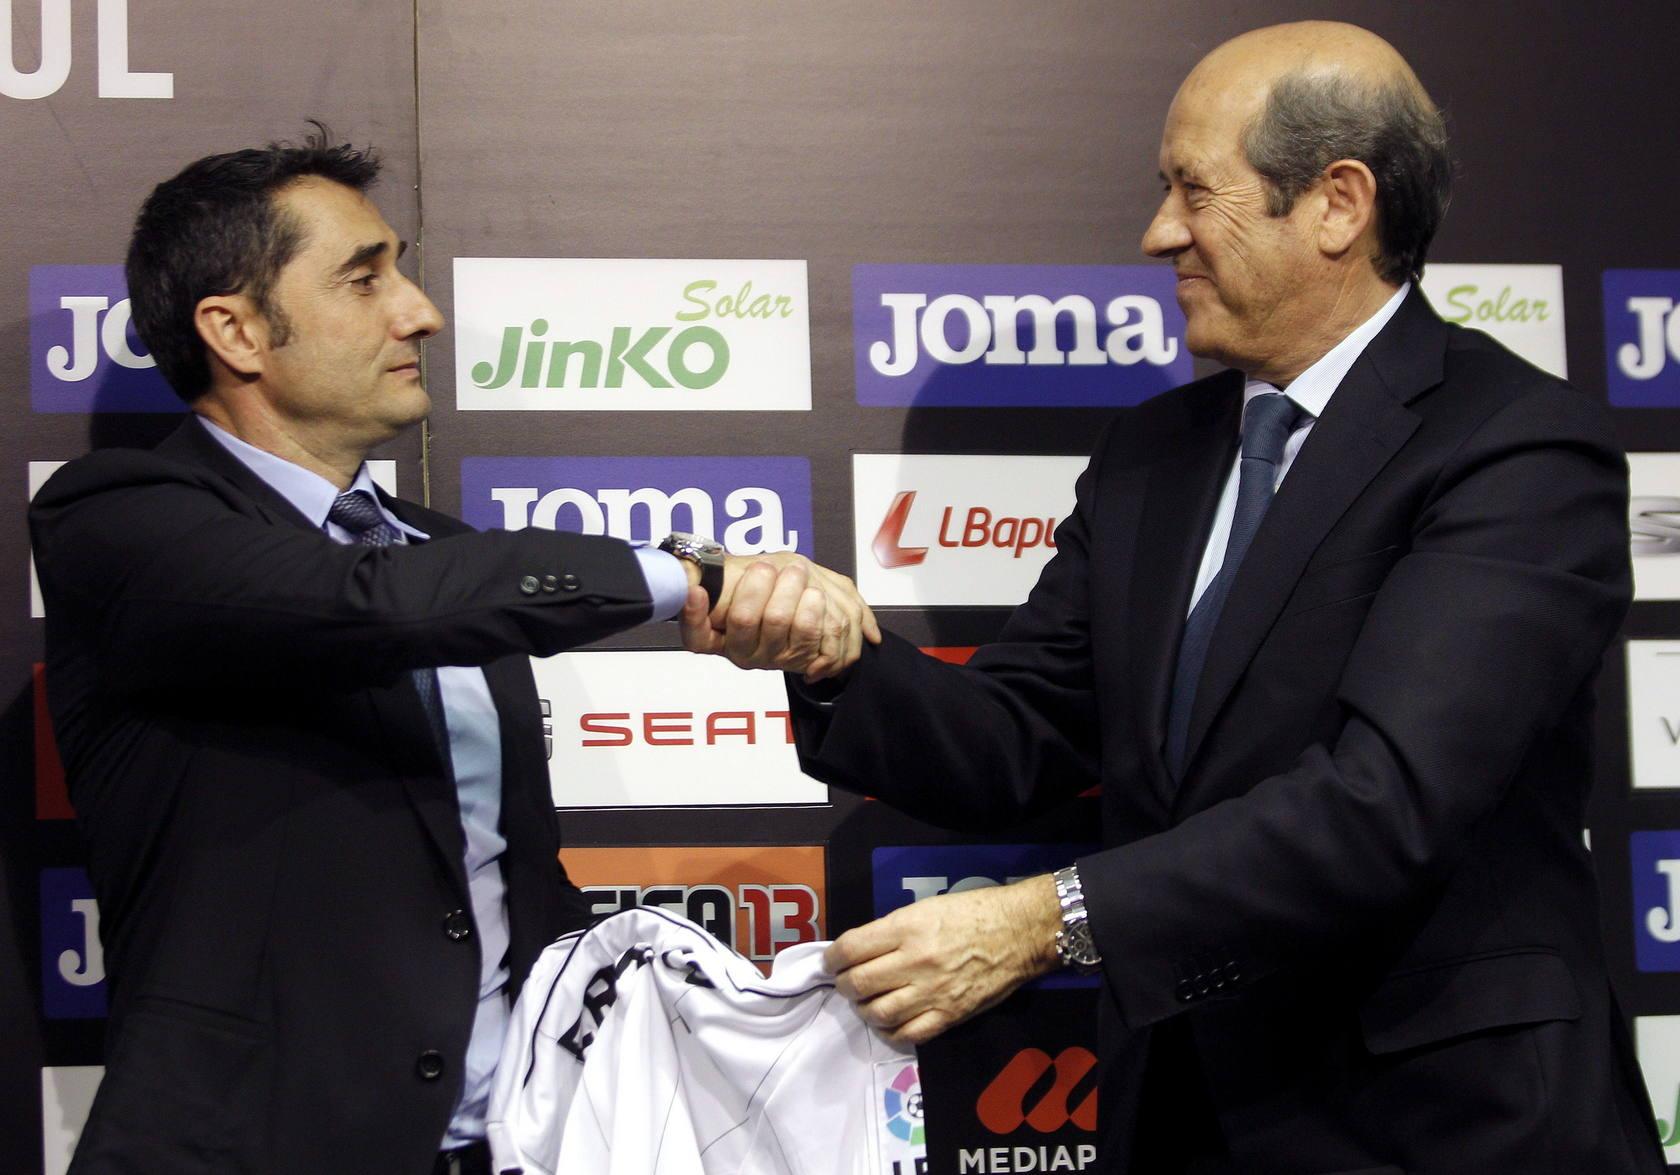 Presentación de Ernesto Valverde como nuevo entrenador del Valencia CF